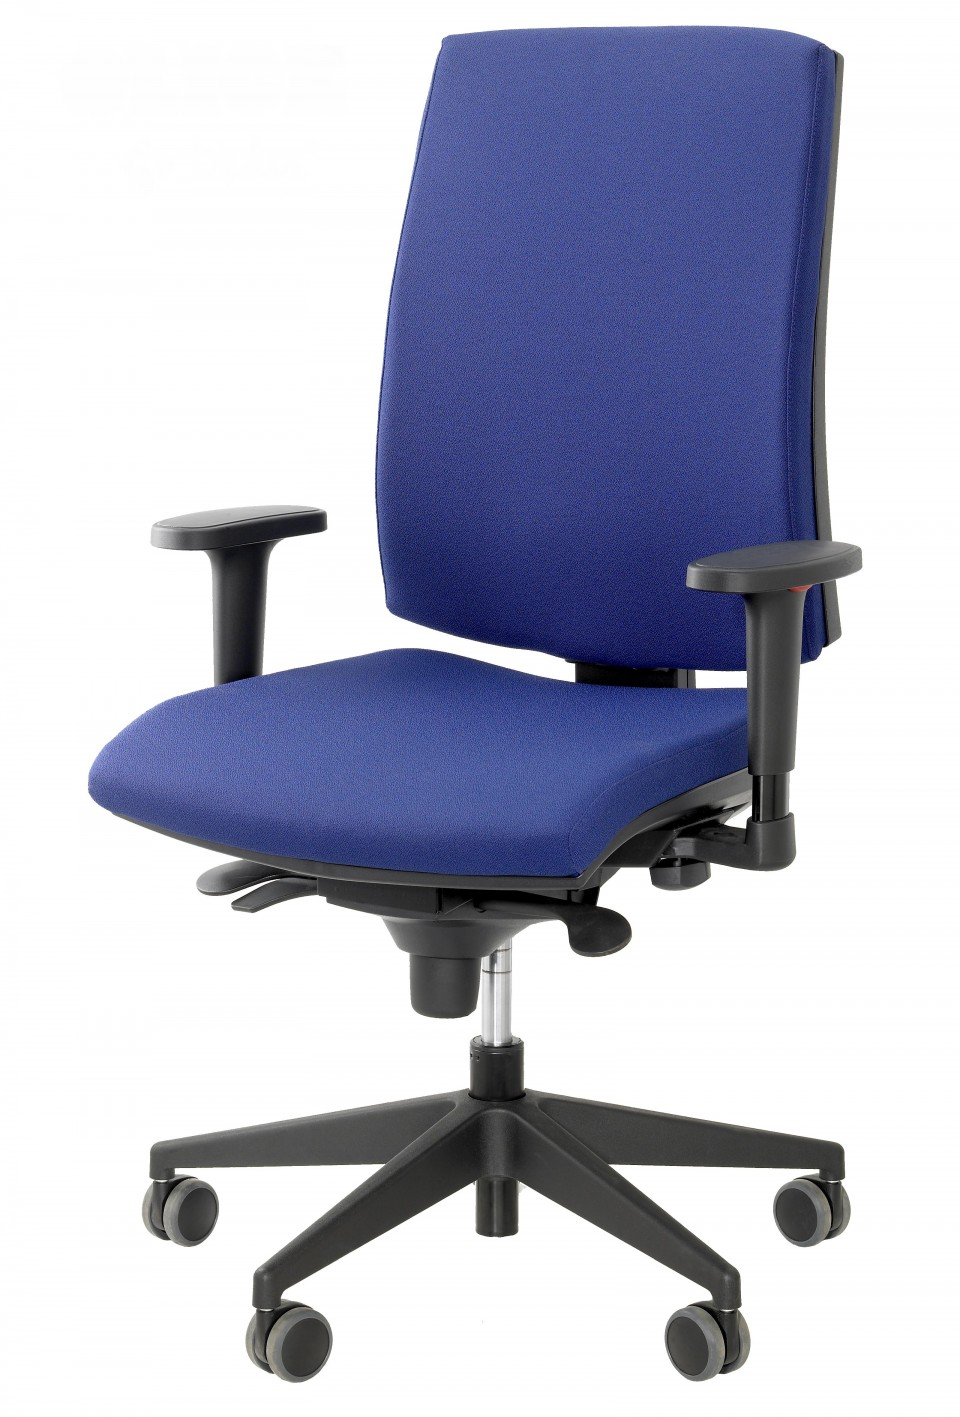 fauteuil de bureau ergonomique go hd achat si ges ergonomiques 199 00. Black Bedroom Furniture Sets. Home Design Ideas